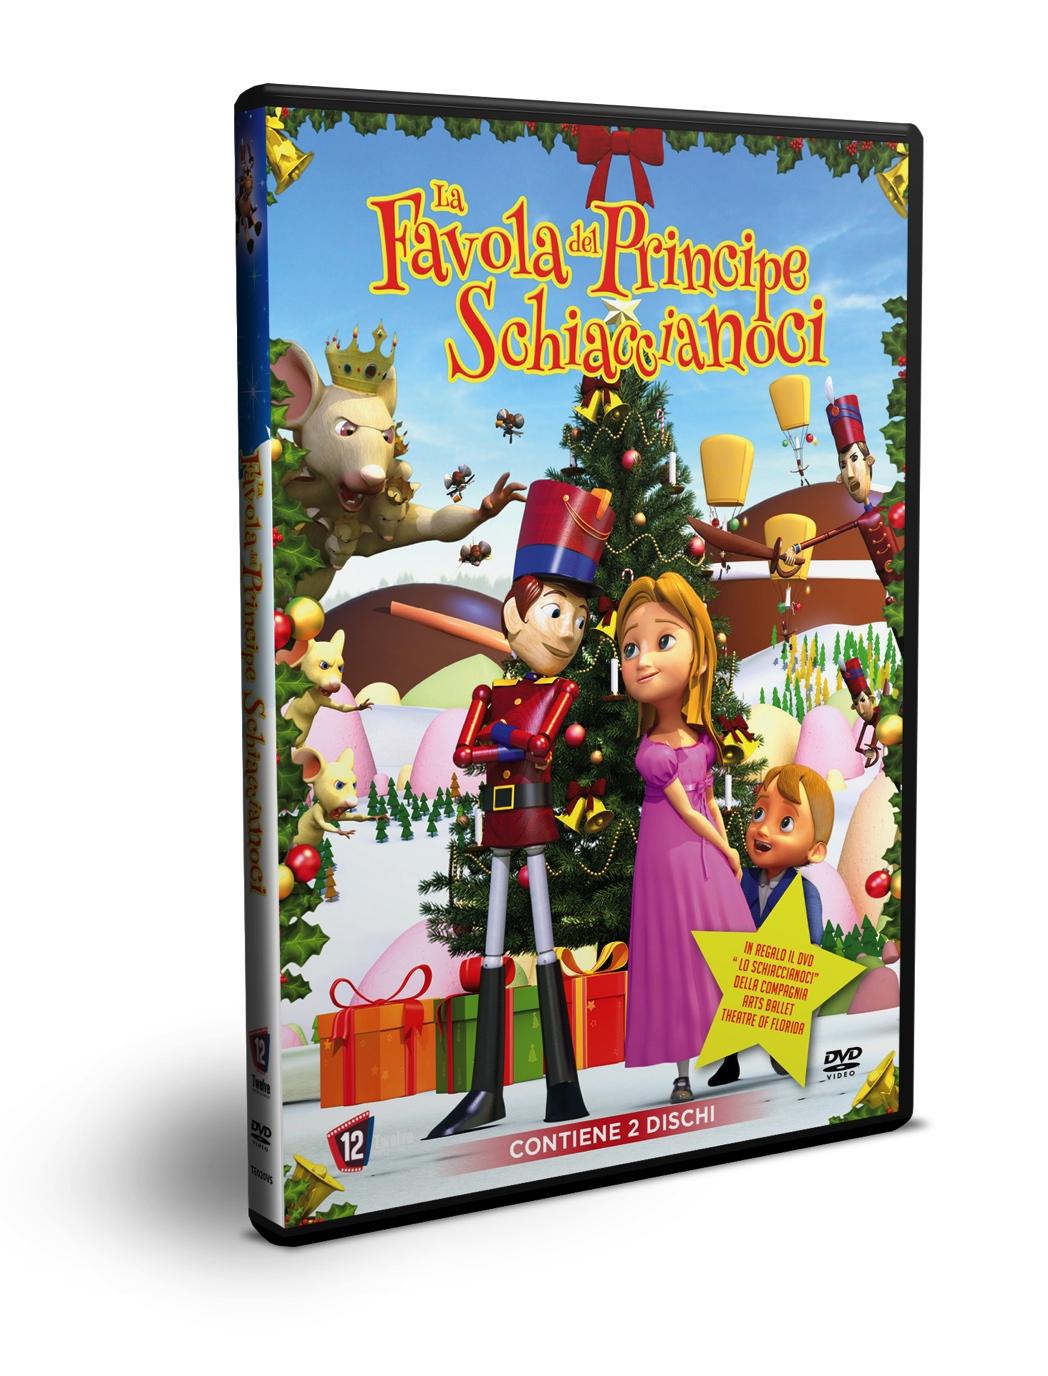 LA FAVOLA DEL PRINCIPE SCHIACCIANOCI (2 DVD) (DVD)